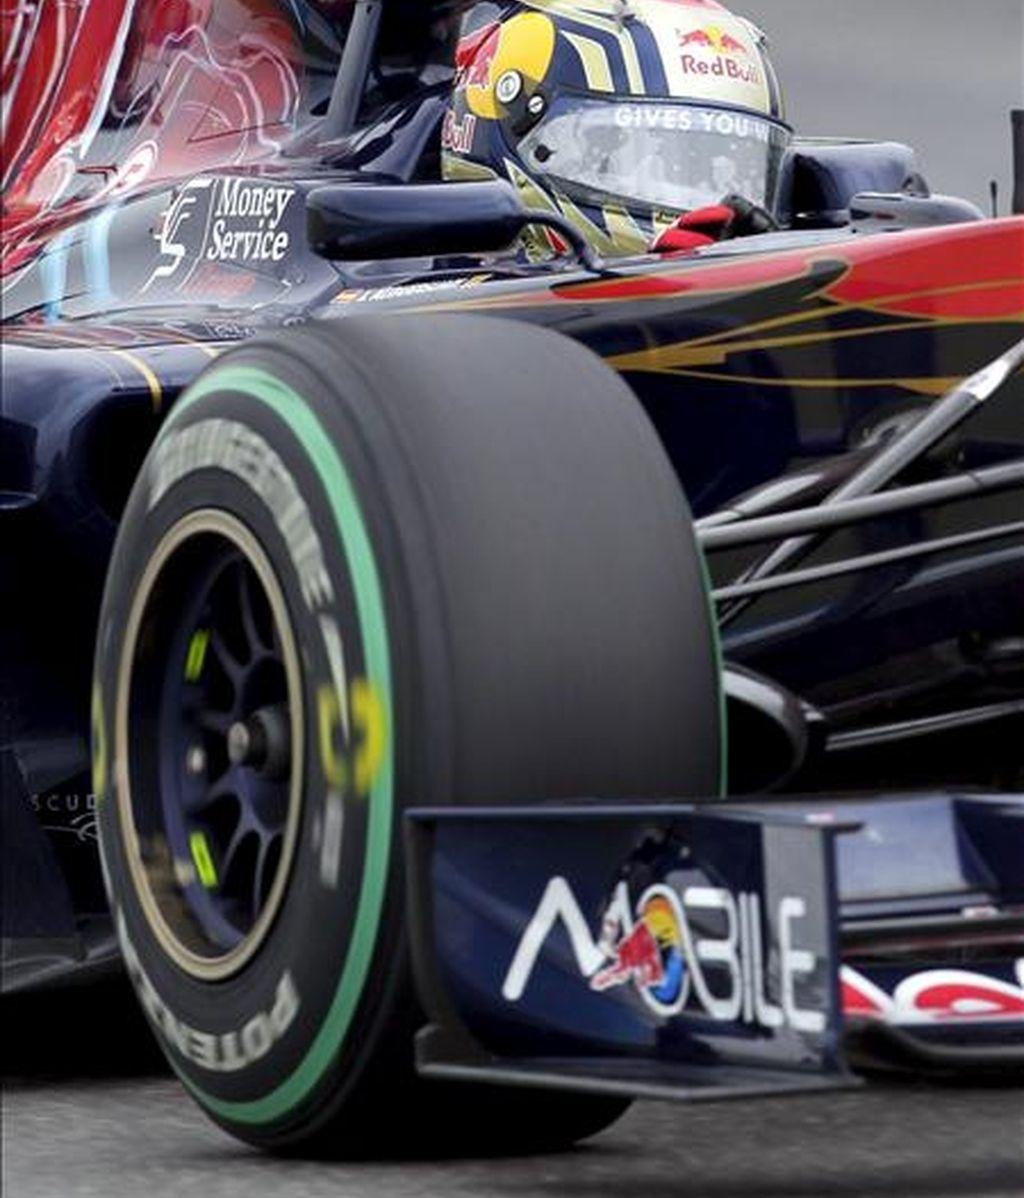 El piloto español de Fórmula Uno Jaime Alguersuari, de la escudería Toro Rosso, conduce su monoplaza durante la segunda sesión de entrenamientos libres del Gran Premio de Alemania, hoy viernes 23 de julio de 2010 en el circuito Hockenheimring de Hockenheim, Alemania. EFE